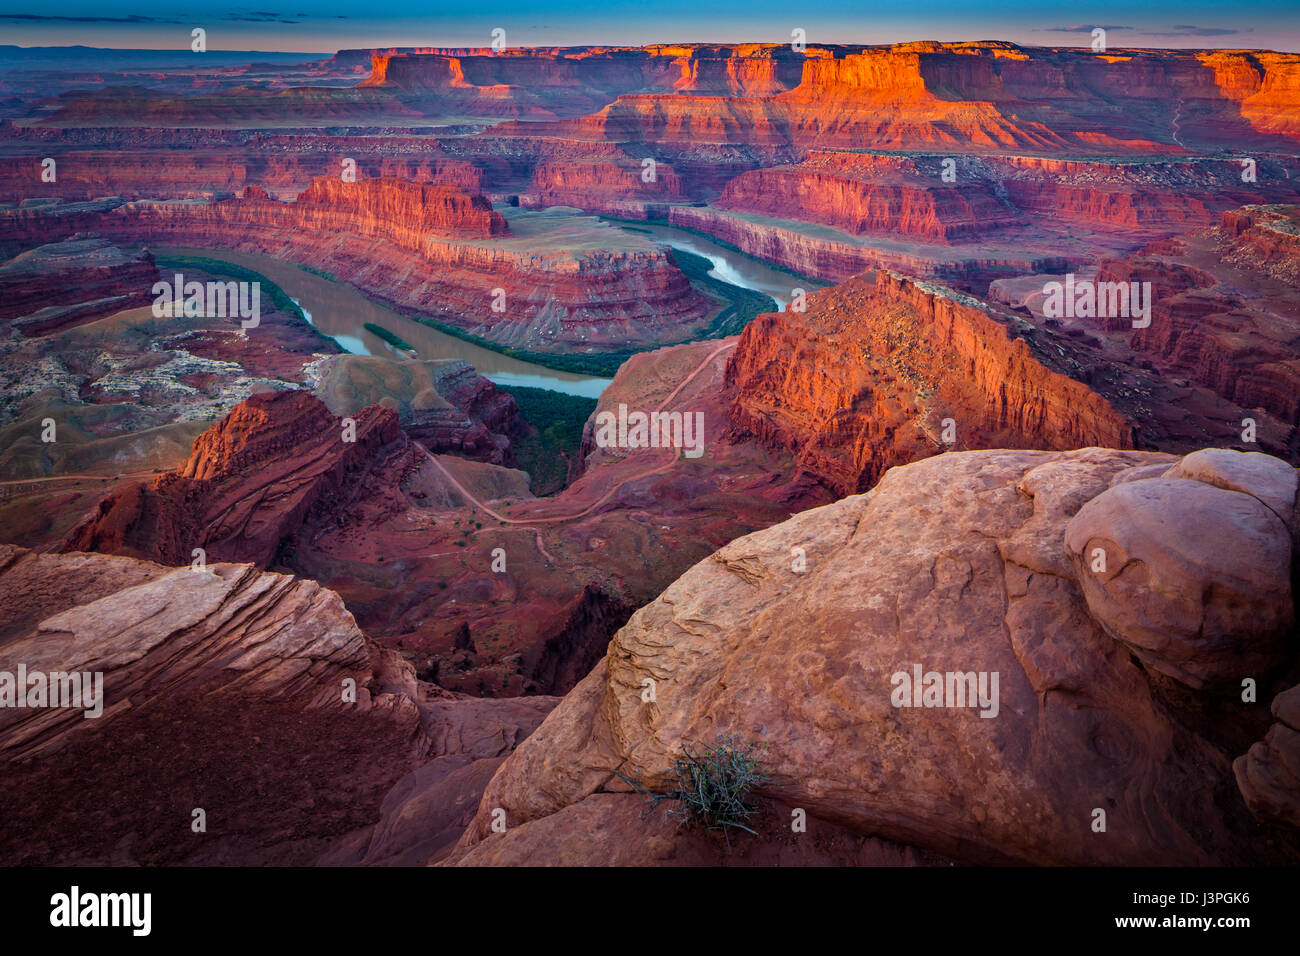 Dead Horse Point State Park ist ein State Park von Utah in den Vereinigten Staaten, mit einer dramatischen Überblick Stockbild